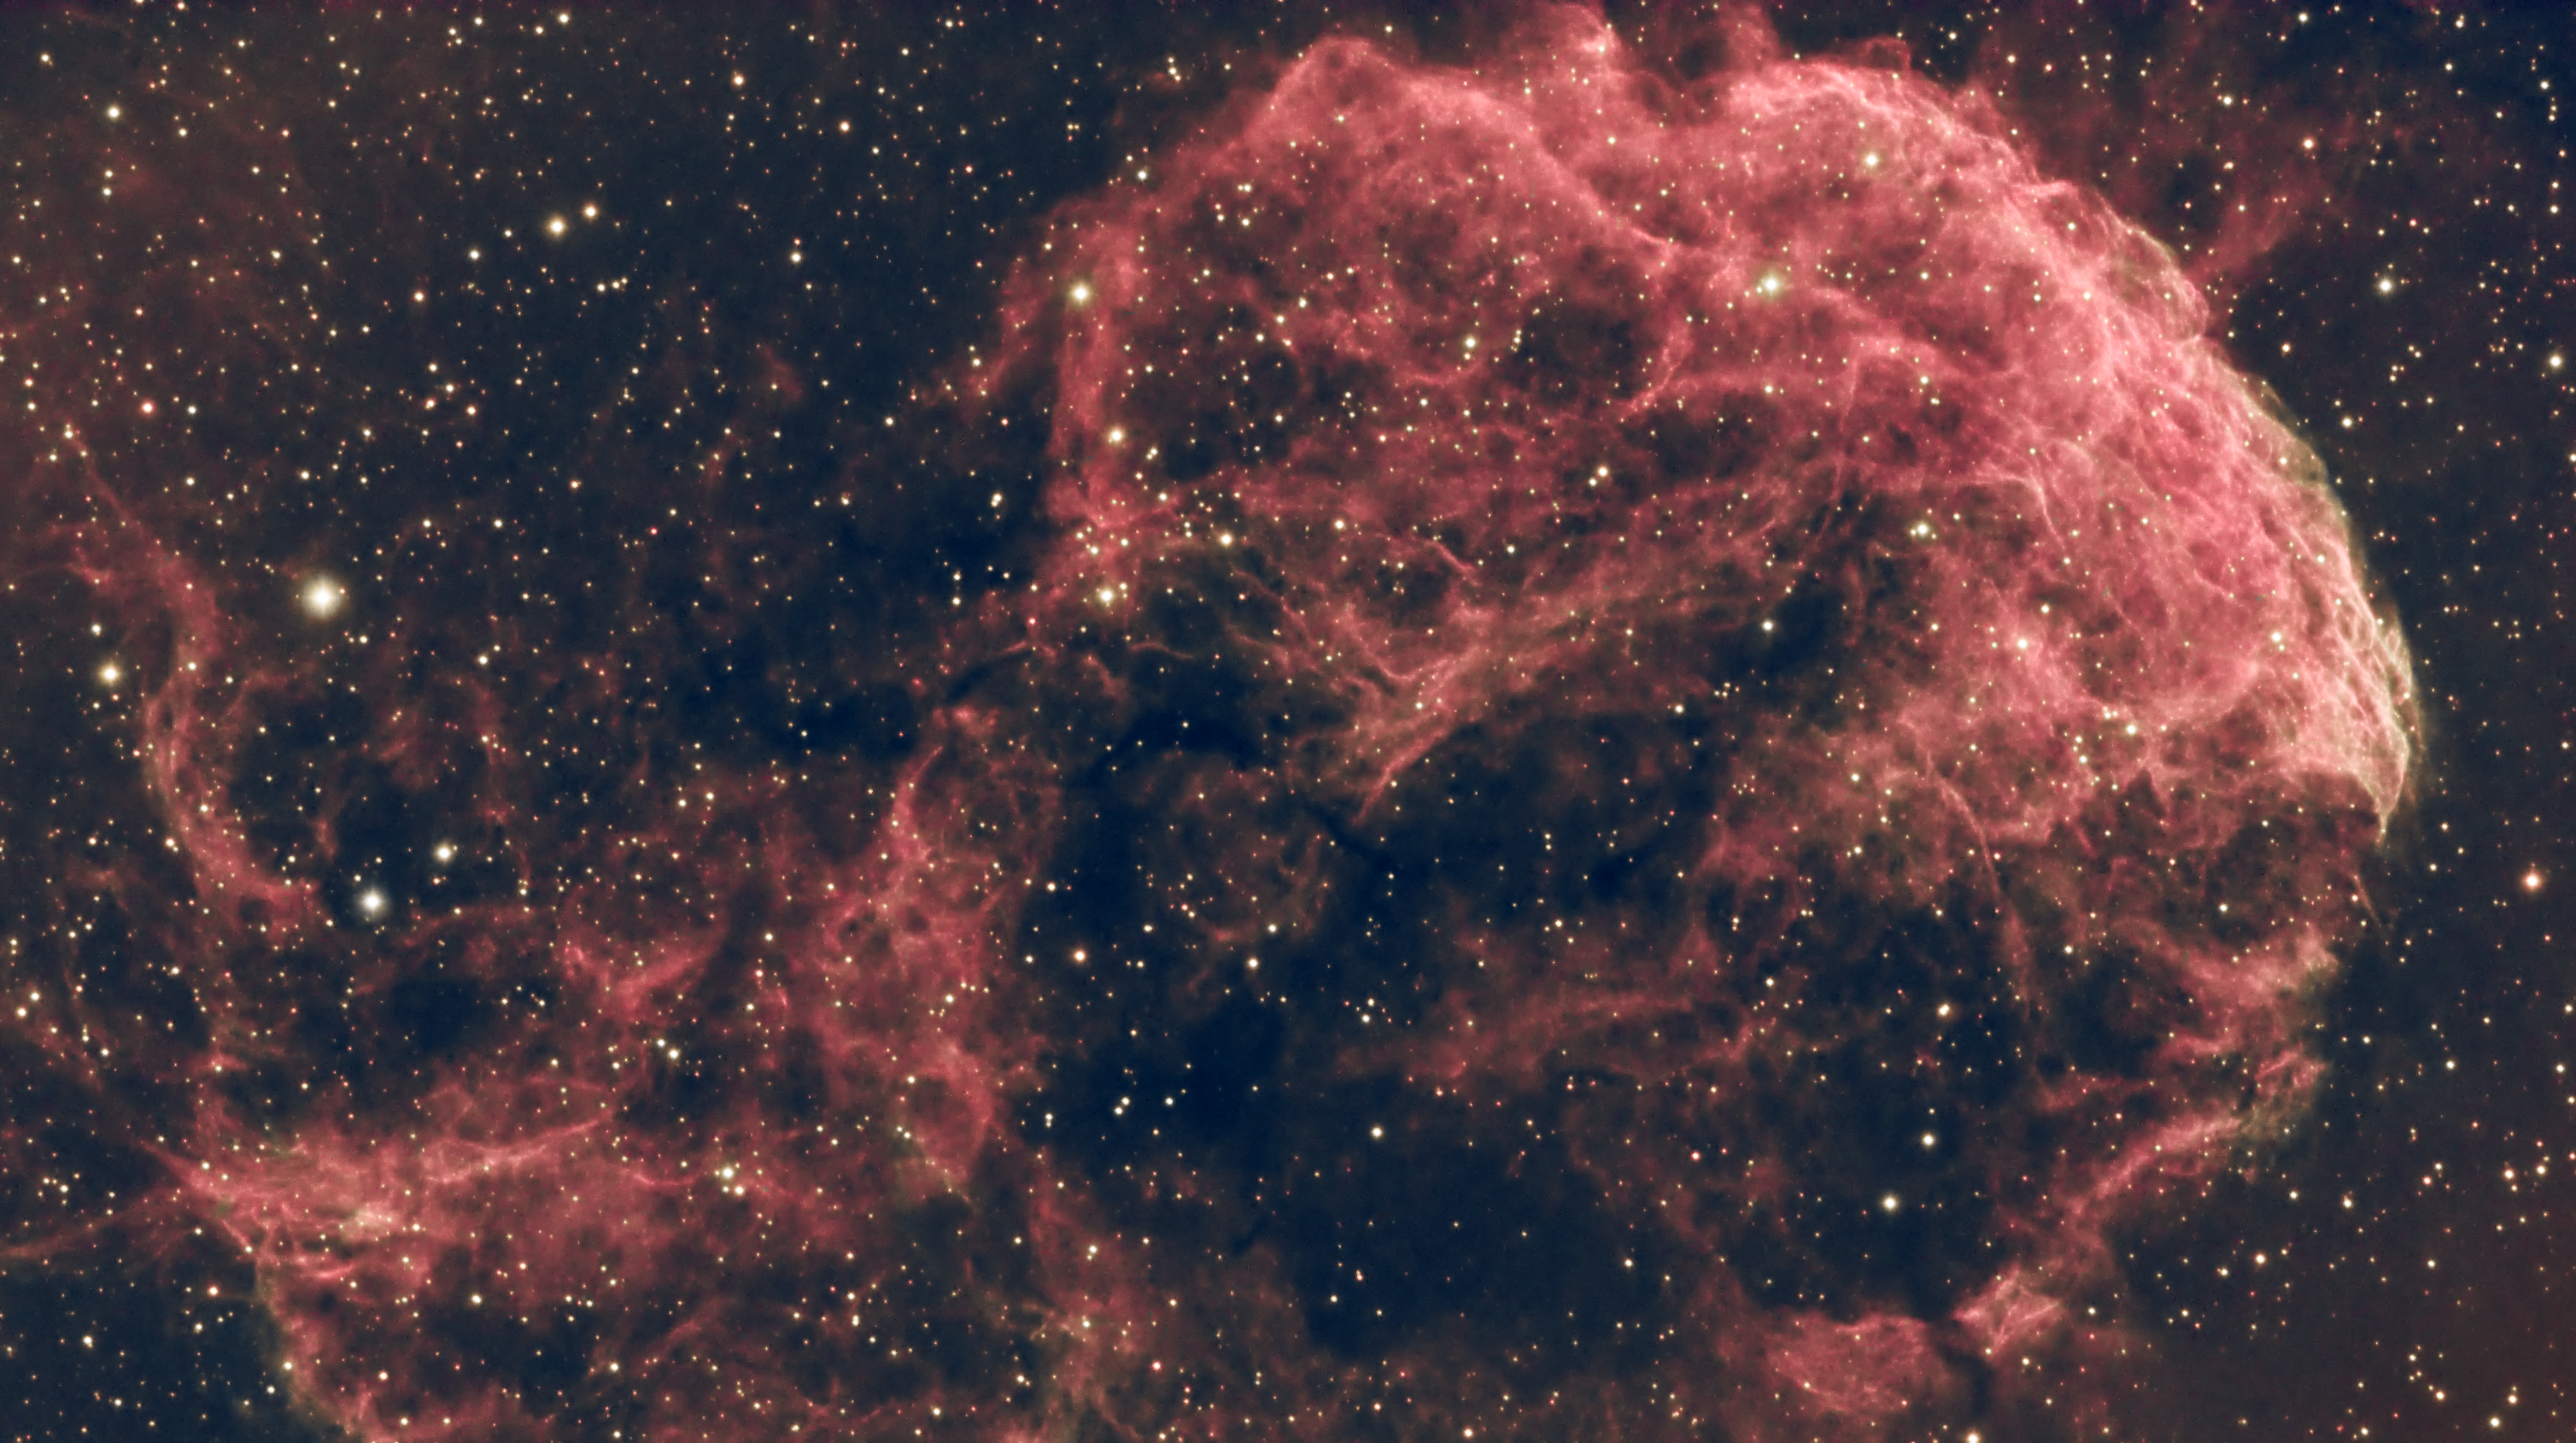 Jellyfish Nebula (IC 443)